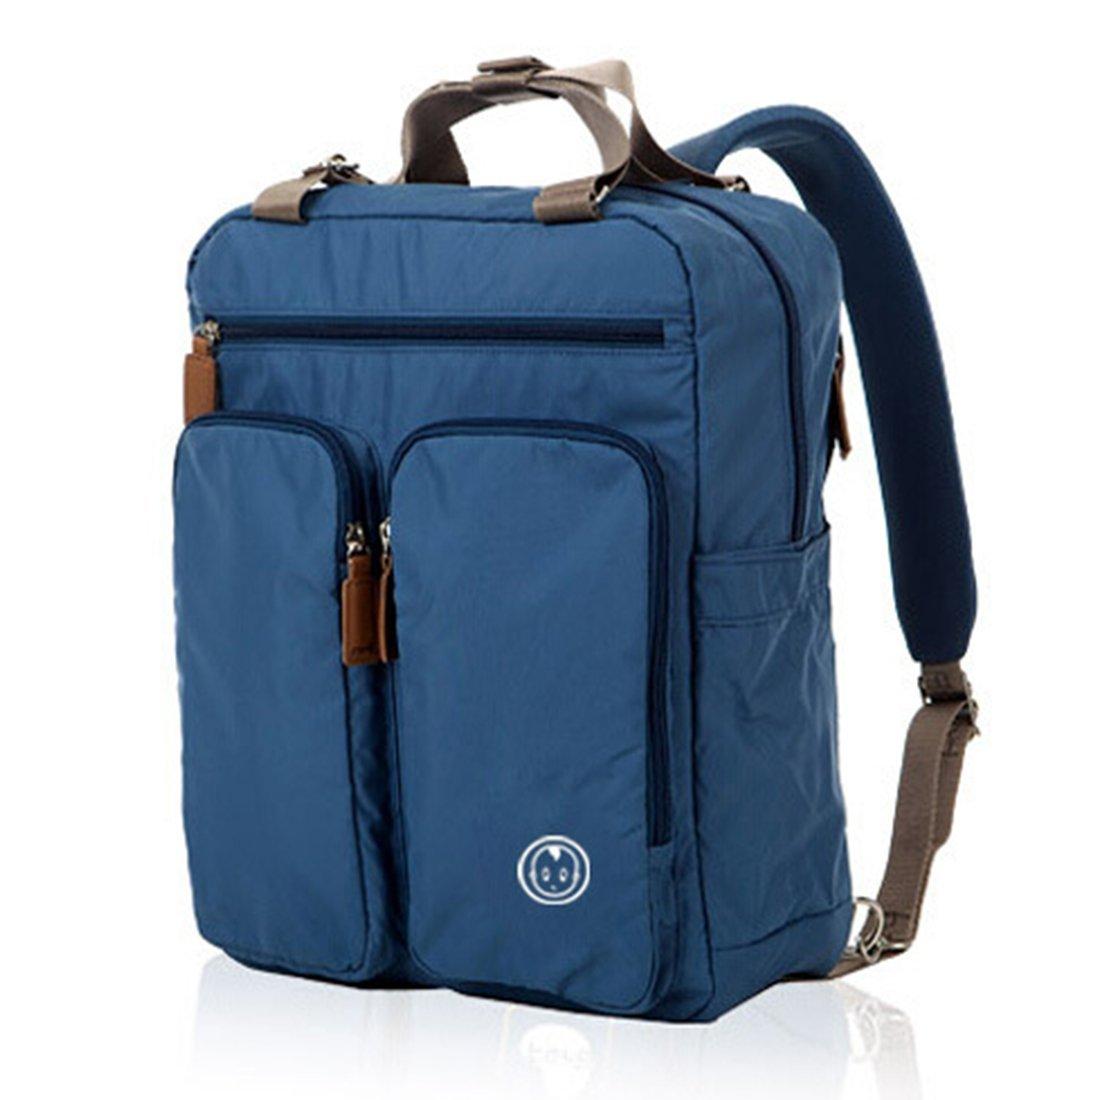 VBag Baby Wickeltasche Reisetasche Rucksack Umhängetasche Passform Buggy Wickelauflage (blau)